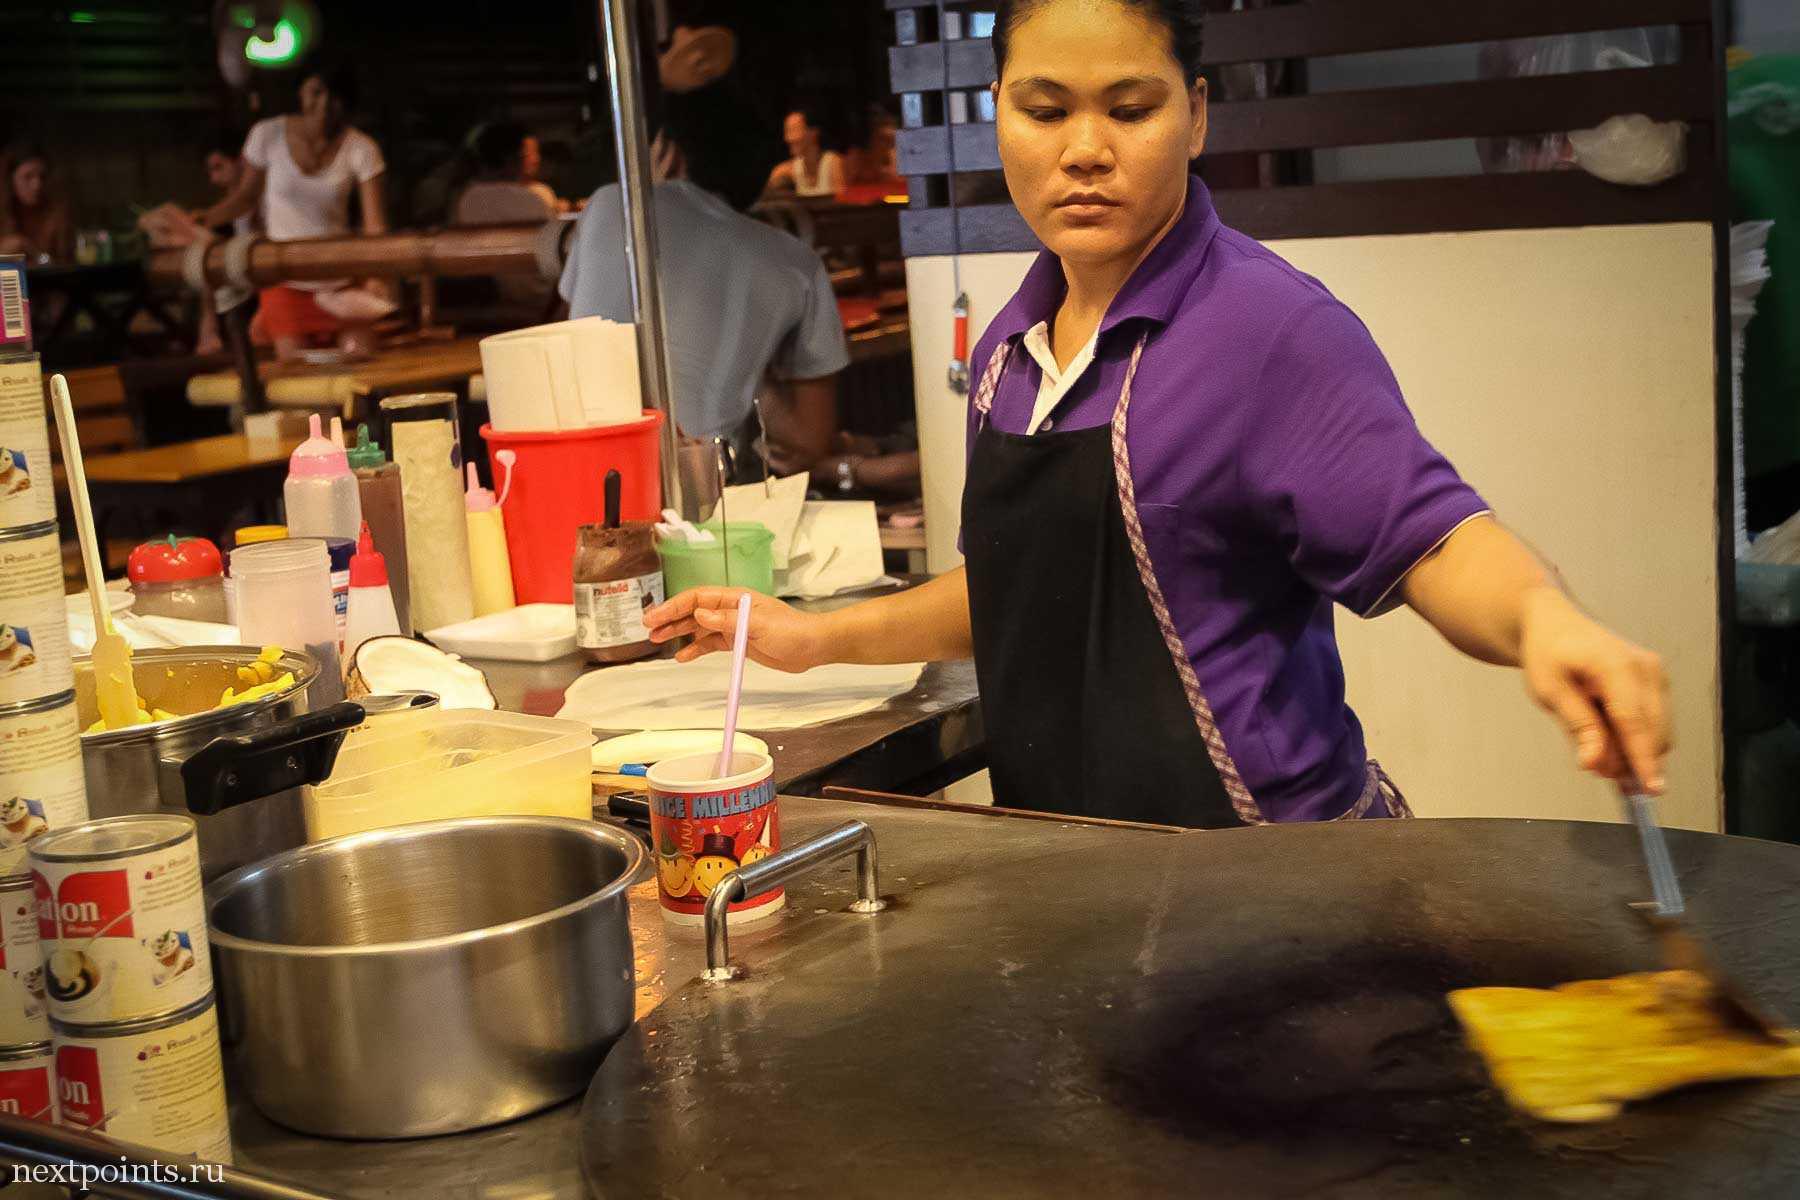 Тайка в процессе приготовления блинчиков (панкейков) на Ко Липе